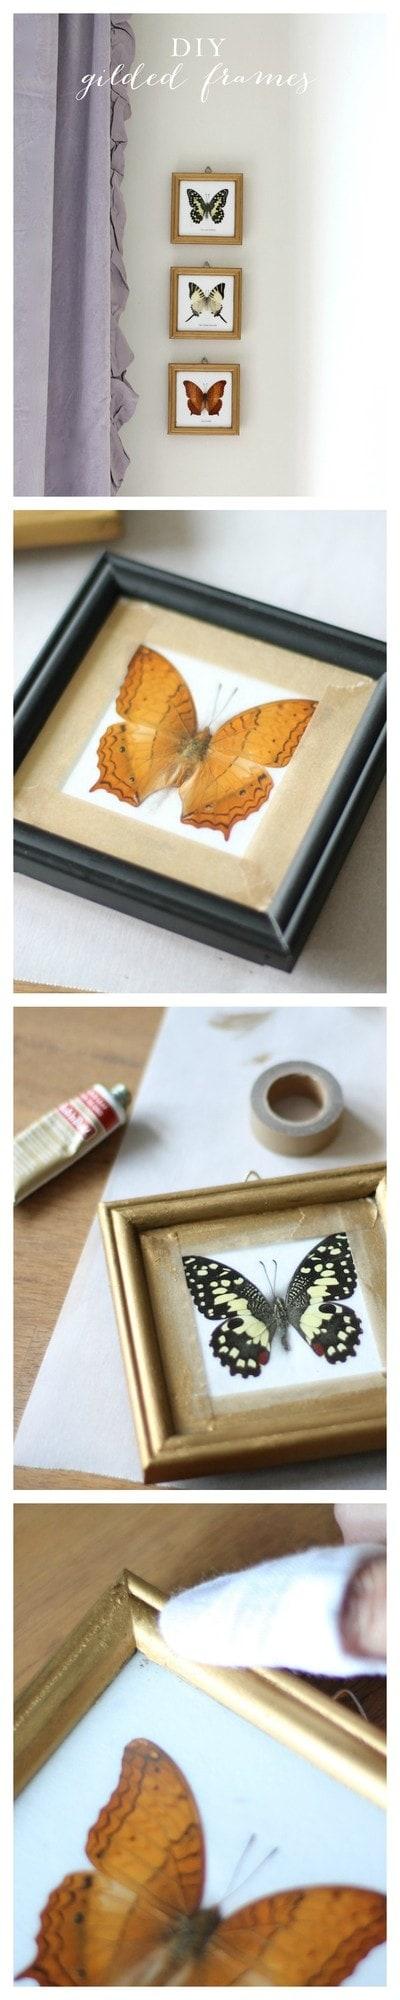 gilded-frame